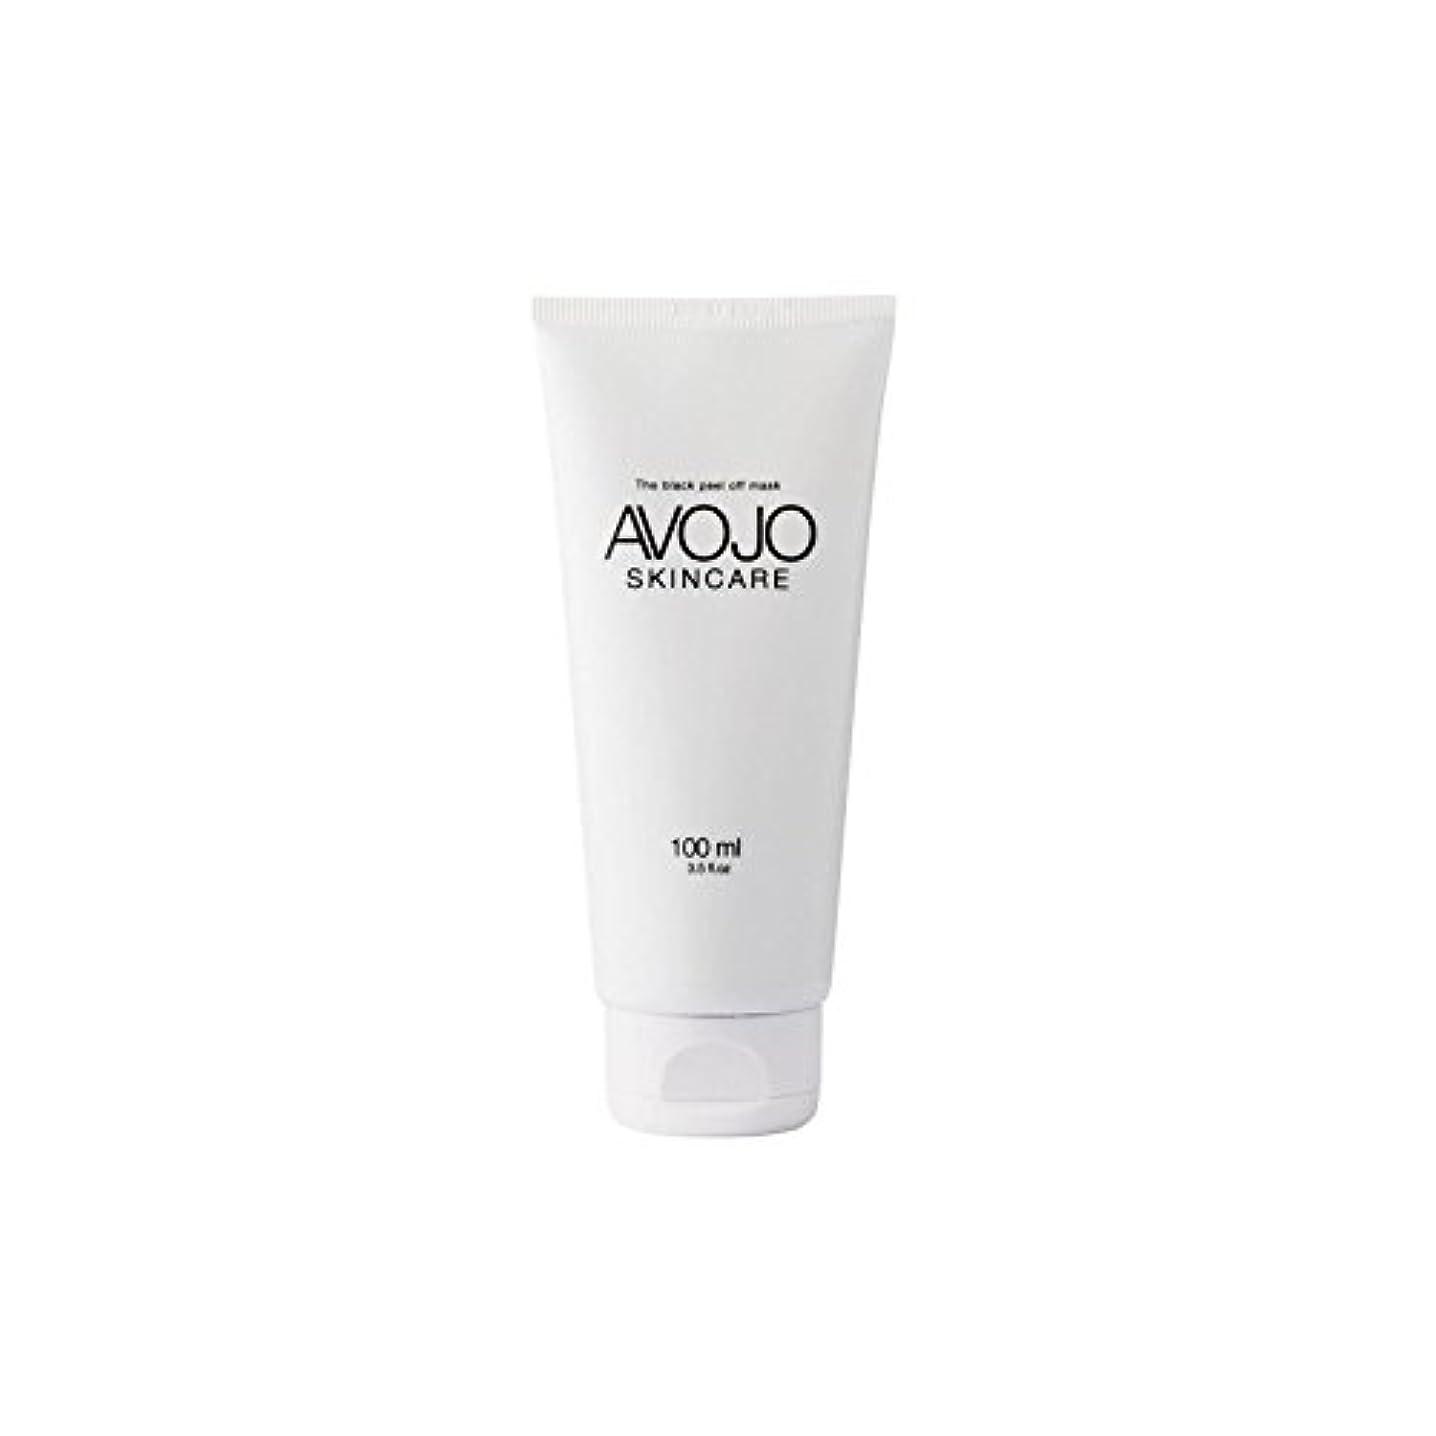 資源絶縁するうるさい- 黒皮オフマスク - (ボトル100ミリリットル) x4 - Avojo - The Black Peel Off Mask - (Bottle 100ml) (Pack of 4) [並行輸入品]